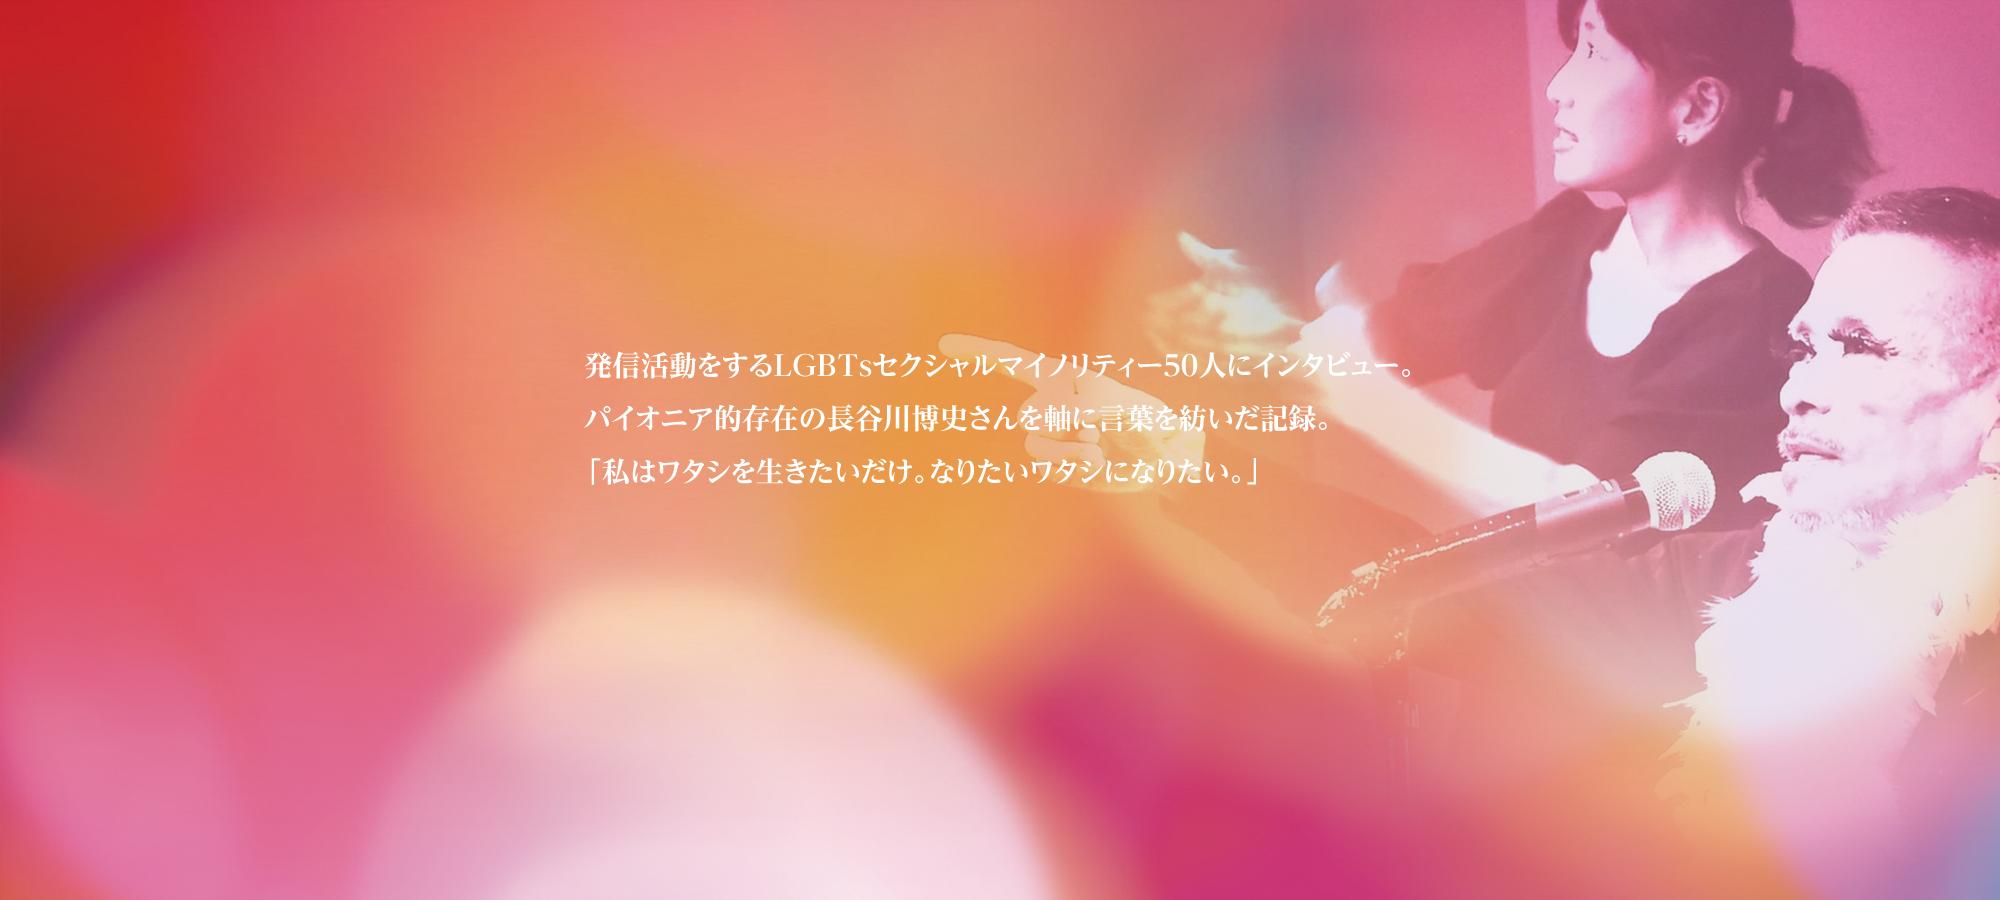 watashi_05